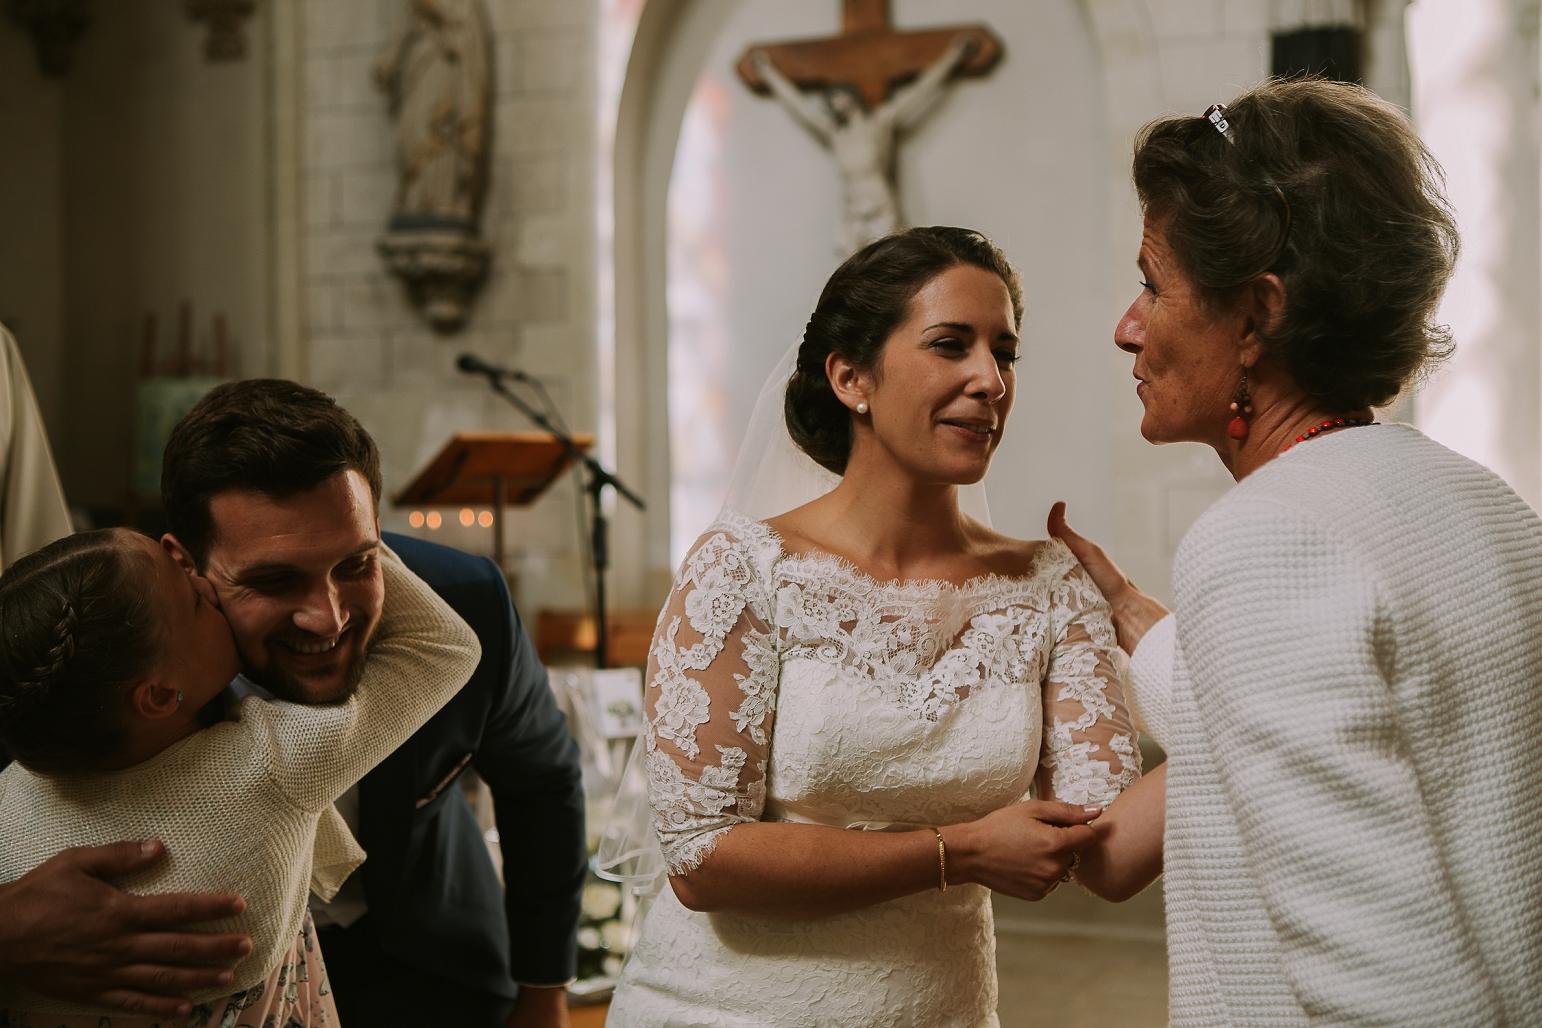 kateryna-photos-mariage-wedding-france-bretagne-pays-de-la-loire-chateau-de-la-colaissiere-st-sauveur-de-landemont_0042.jpg